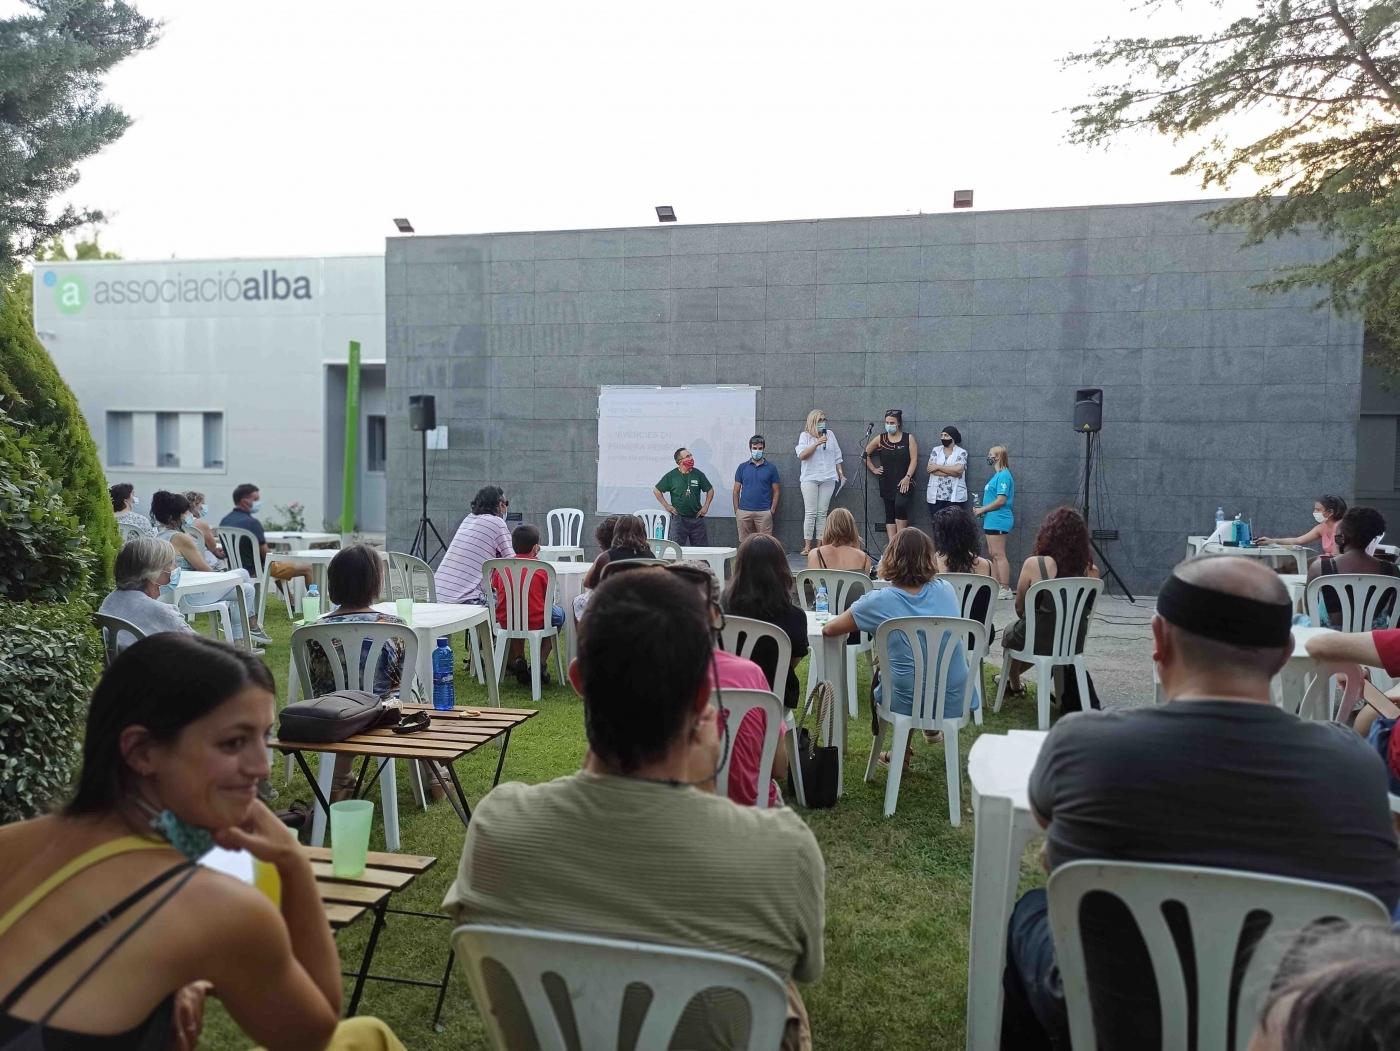 El Grup Alba presenta a l'Assemblea General de Socis el Pla d'habitatges i fa un reconeixement als professionals i persones de l'entitat durant la pandèmia.